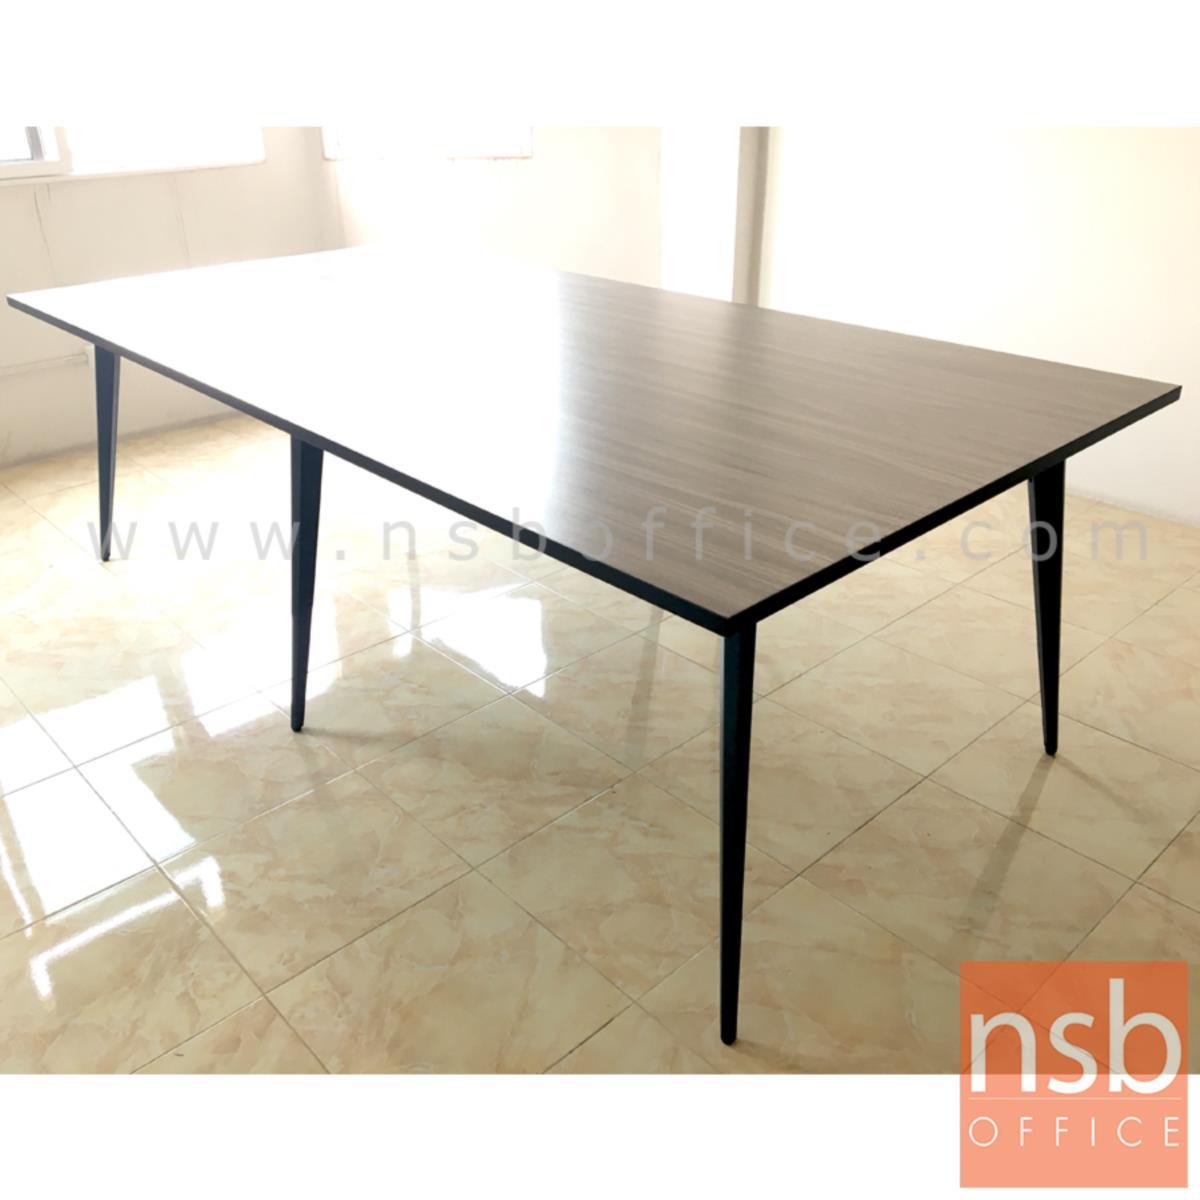 โต๊ะประชุมทรงสี่เหลี่ยม รุ่น SKYLINE ขนาด 240W cm. ขาปลายเรียวหกเหลี่ยม สีเทาฟ้า